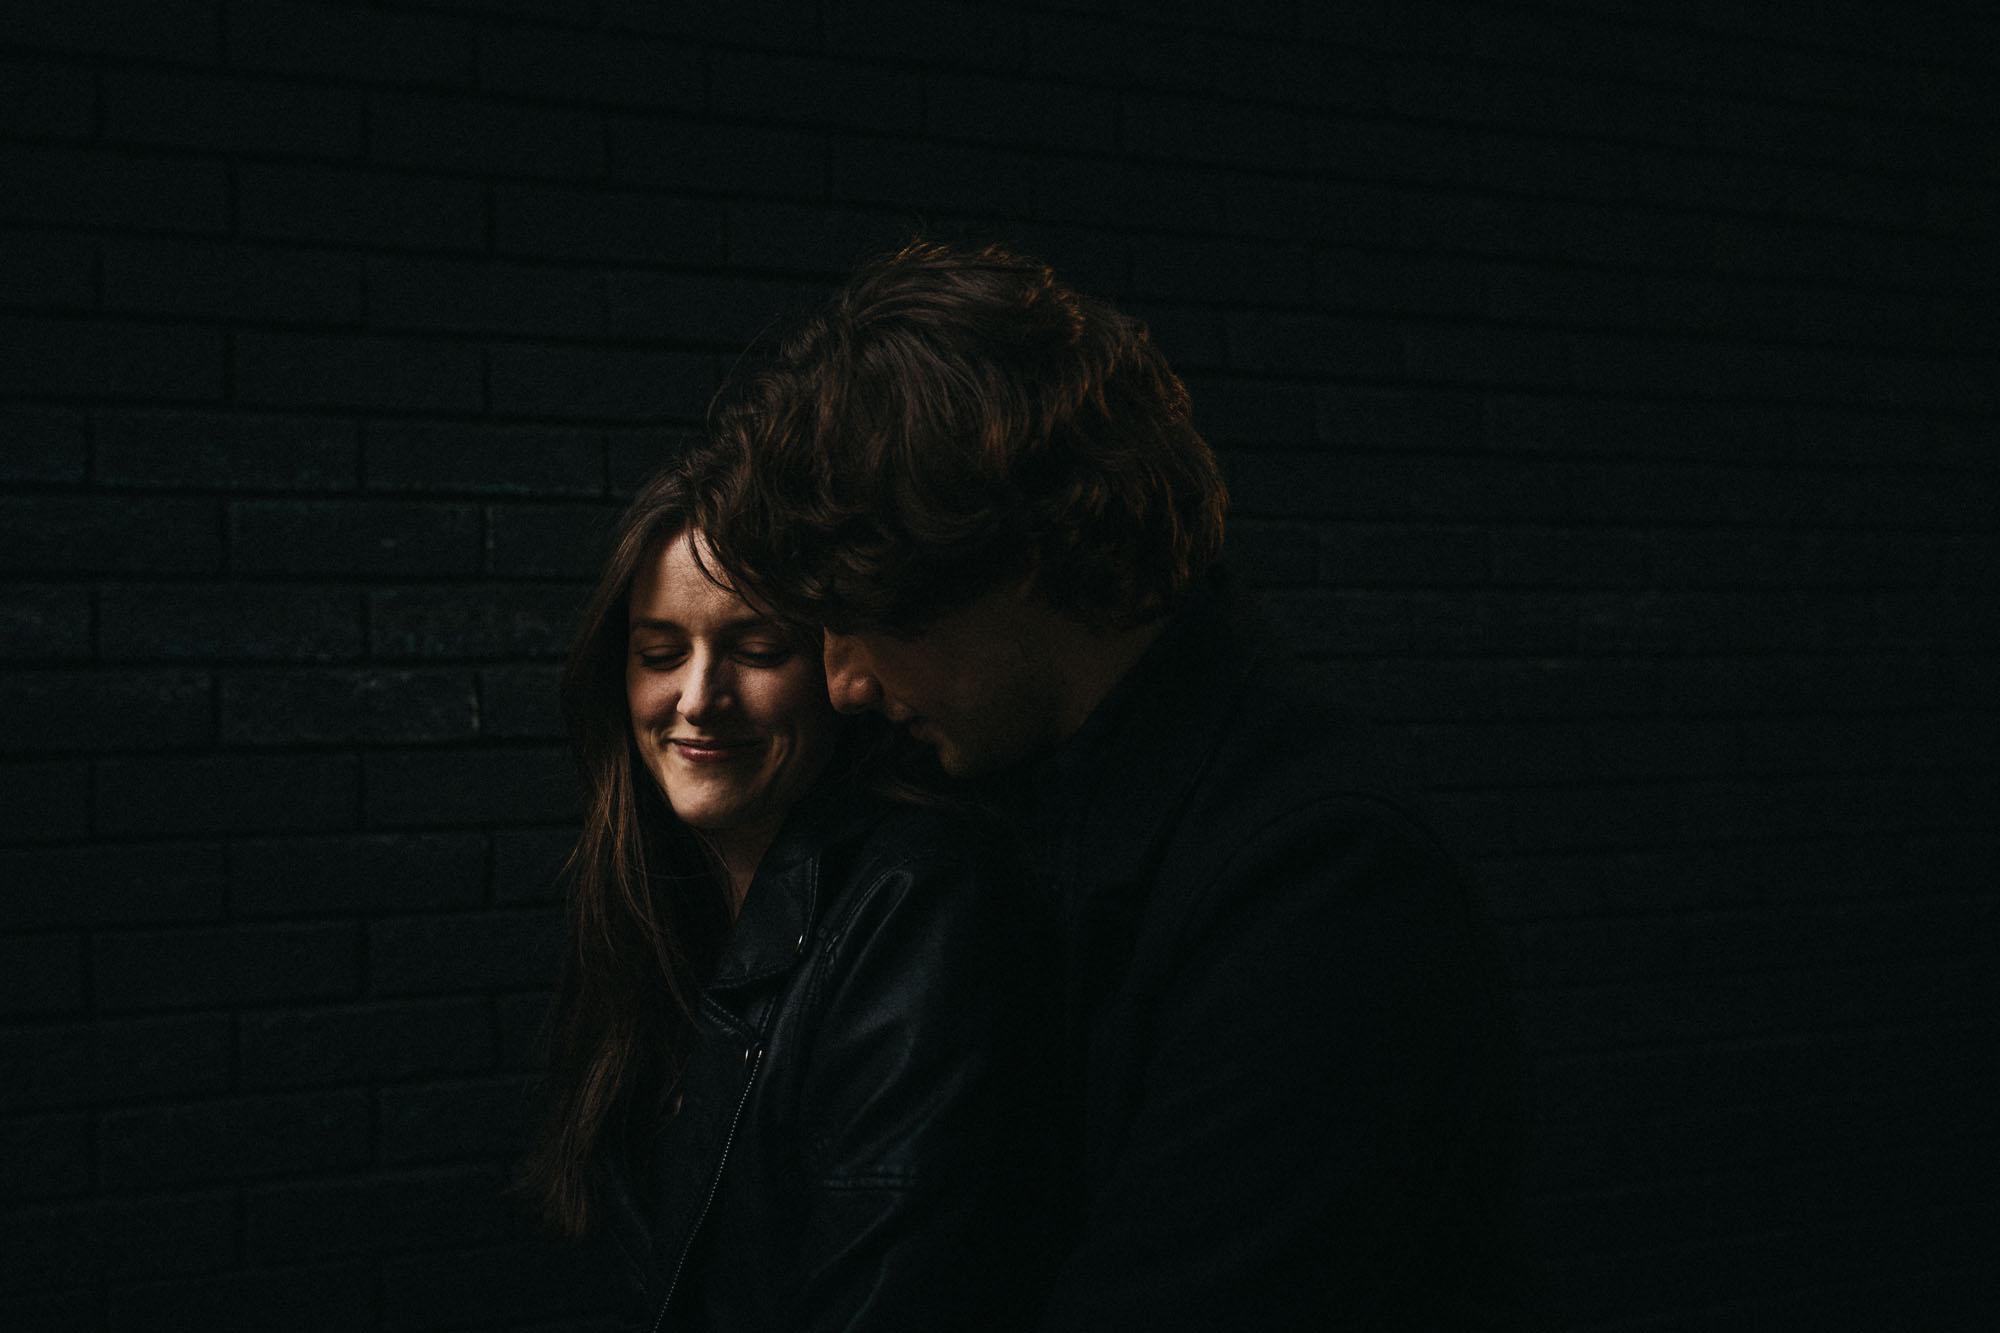 raissa simon photography couple scotland glasgow urban 012 - Mairi + Damien